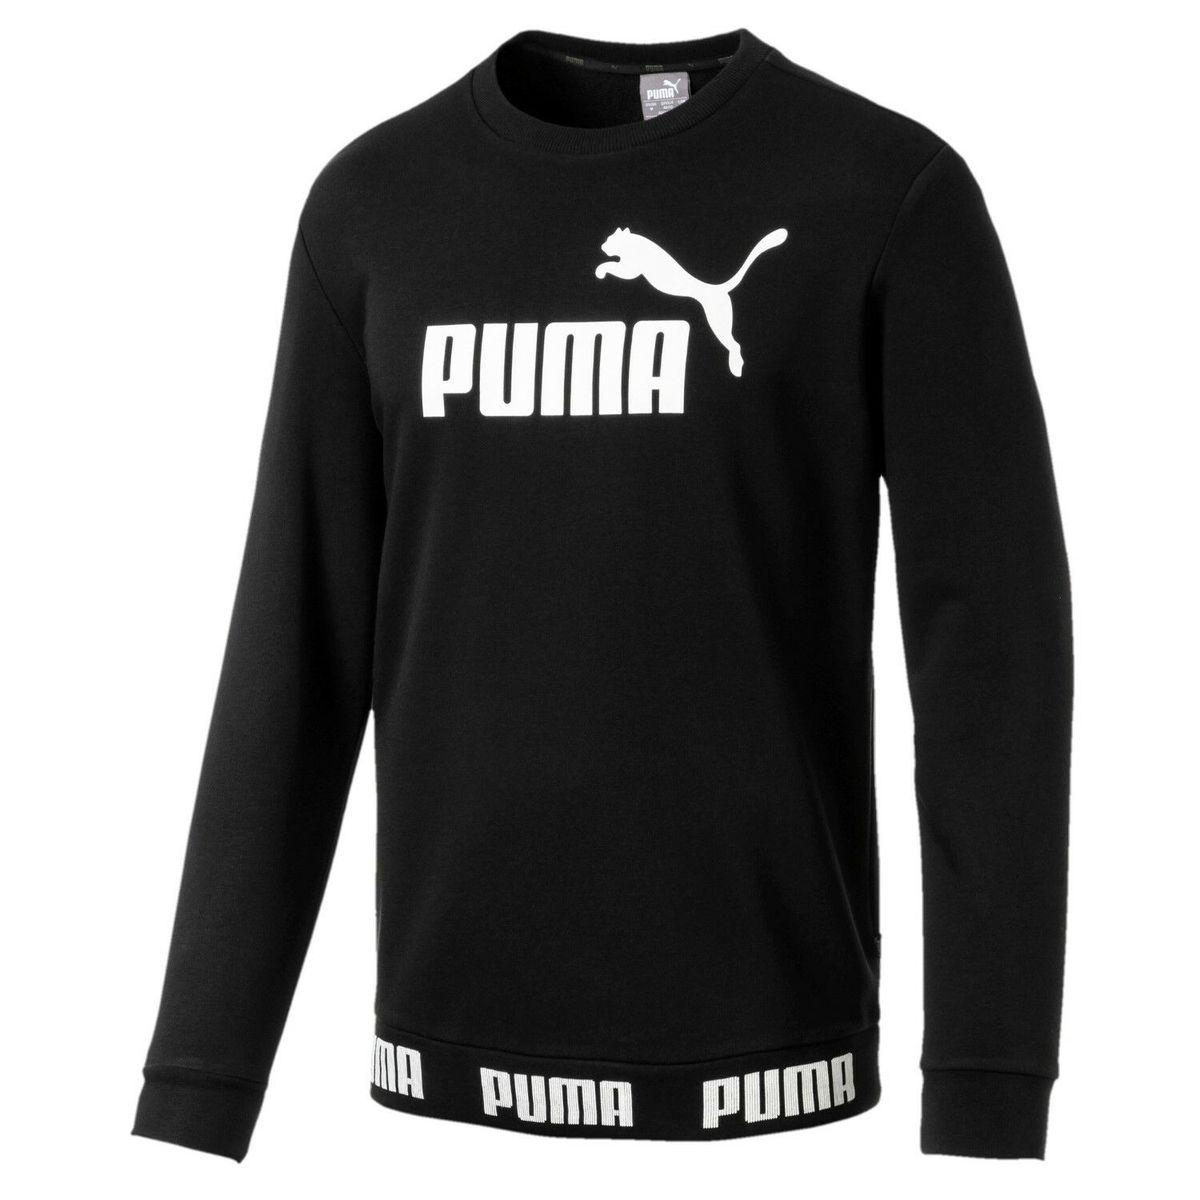 Puma Herren Sweatshirt schwarz (S-XXL) für 33,90 Euro